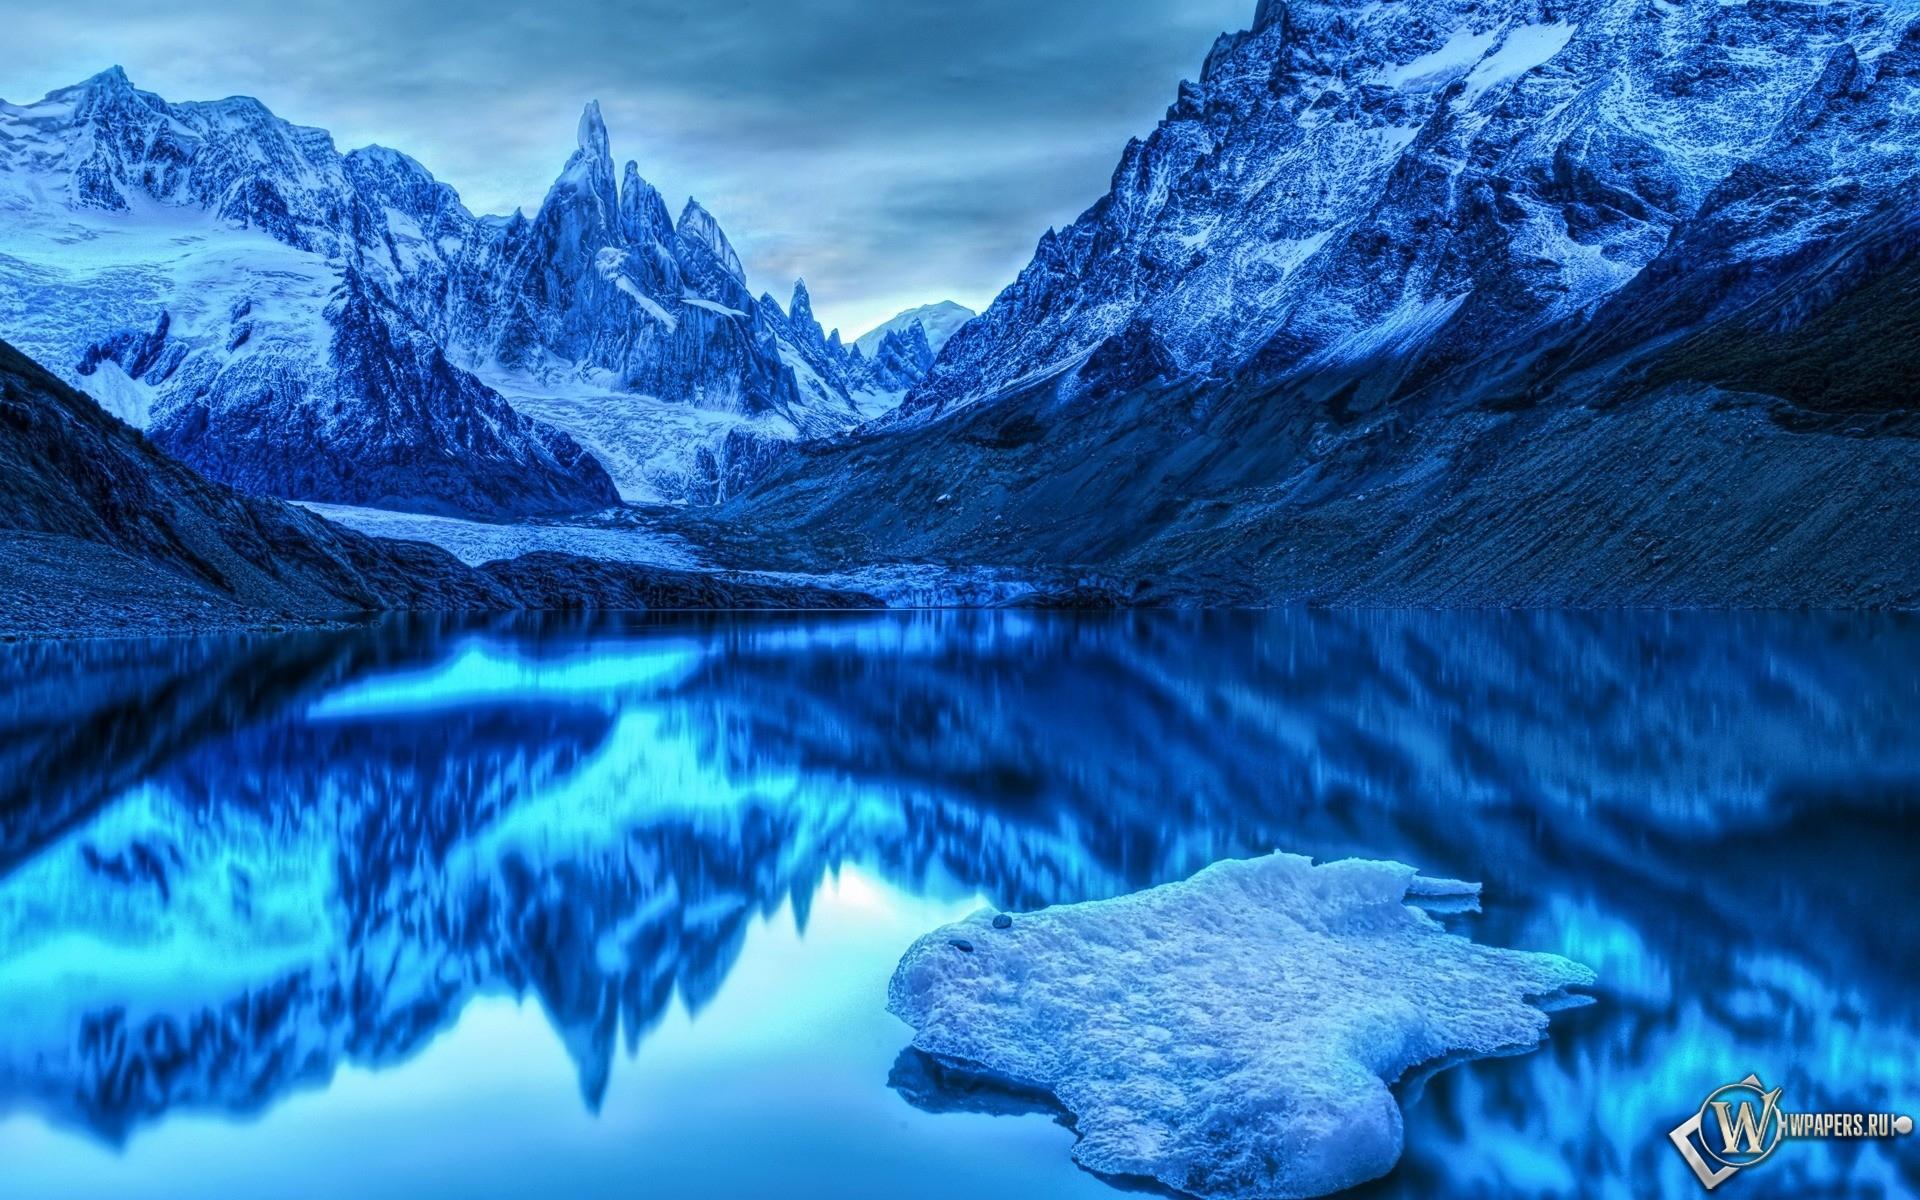 Холодное озеро 1920x1200